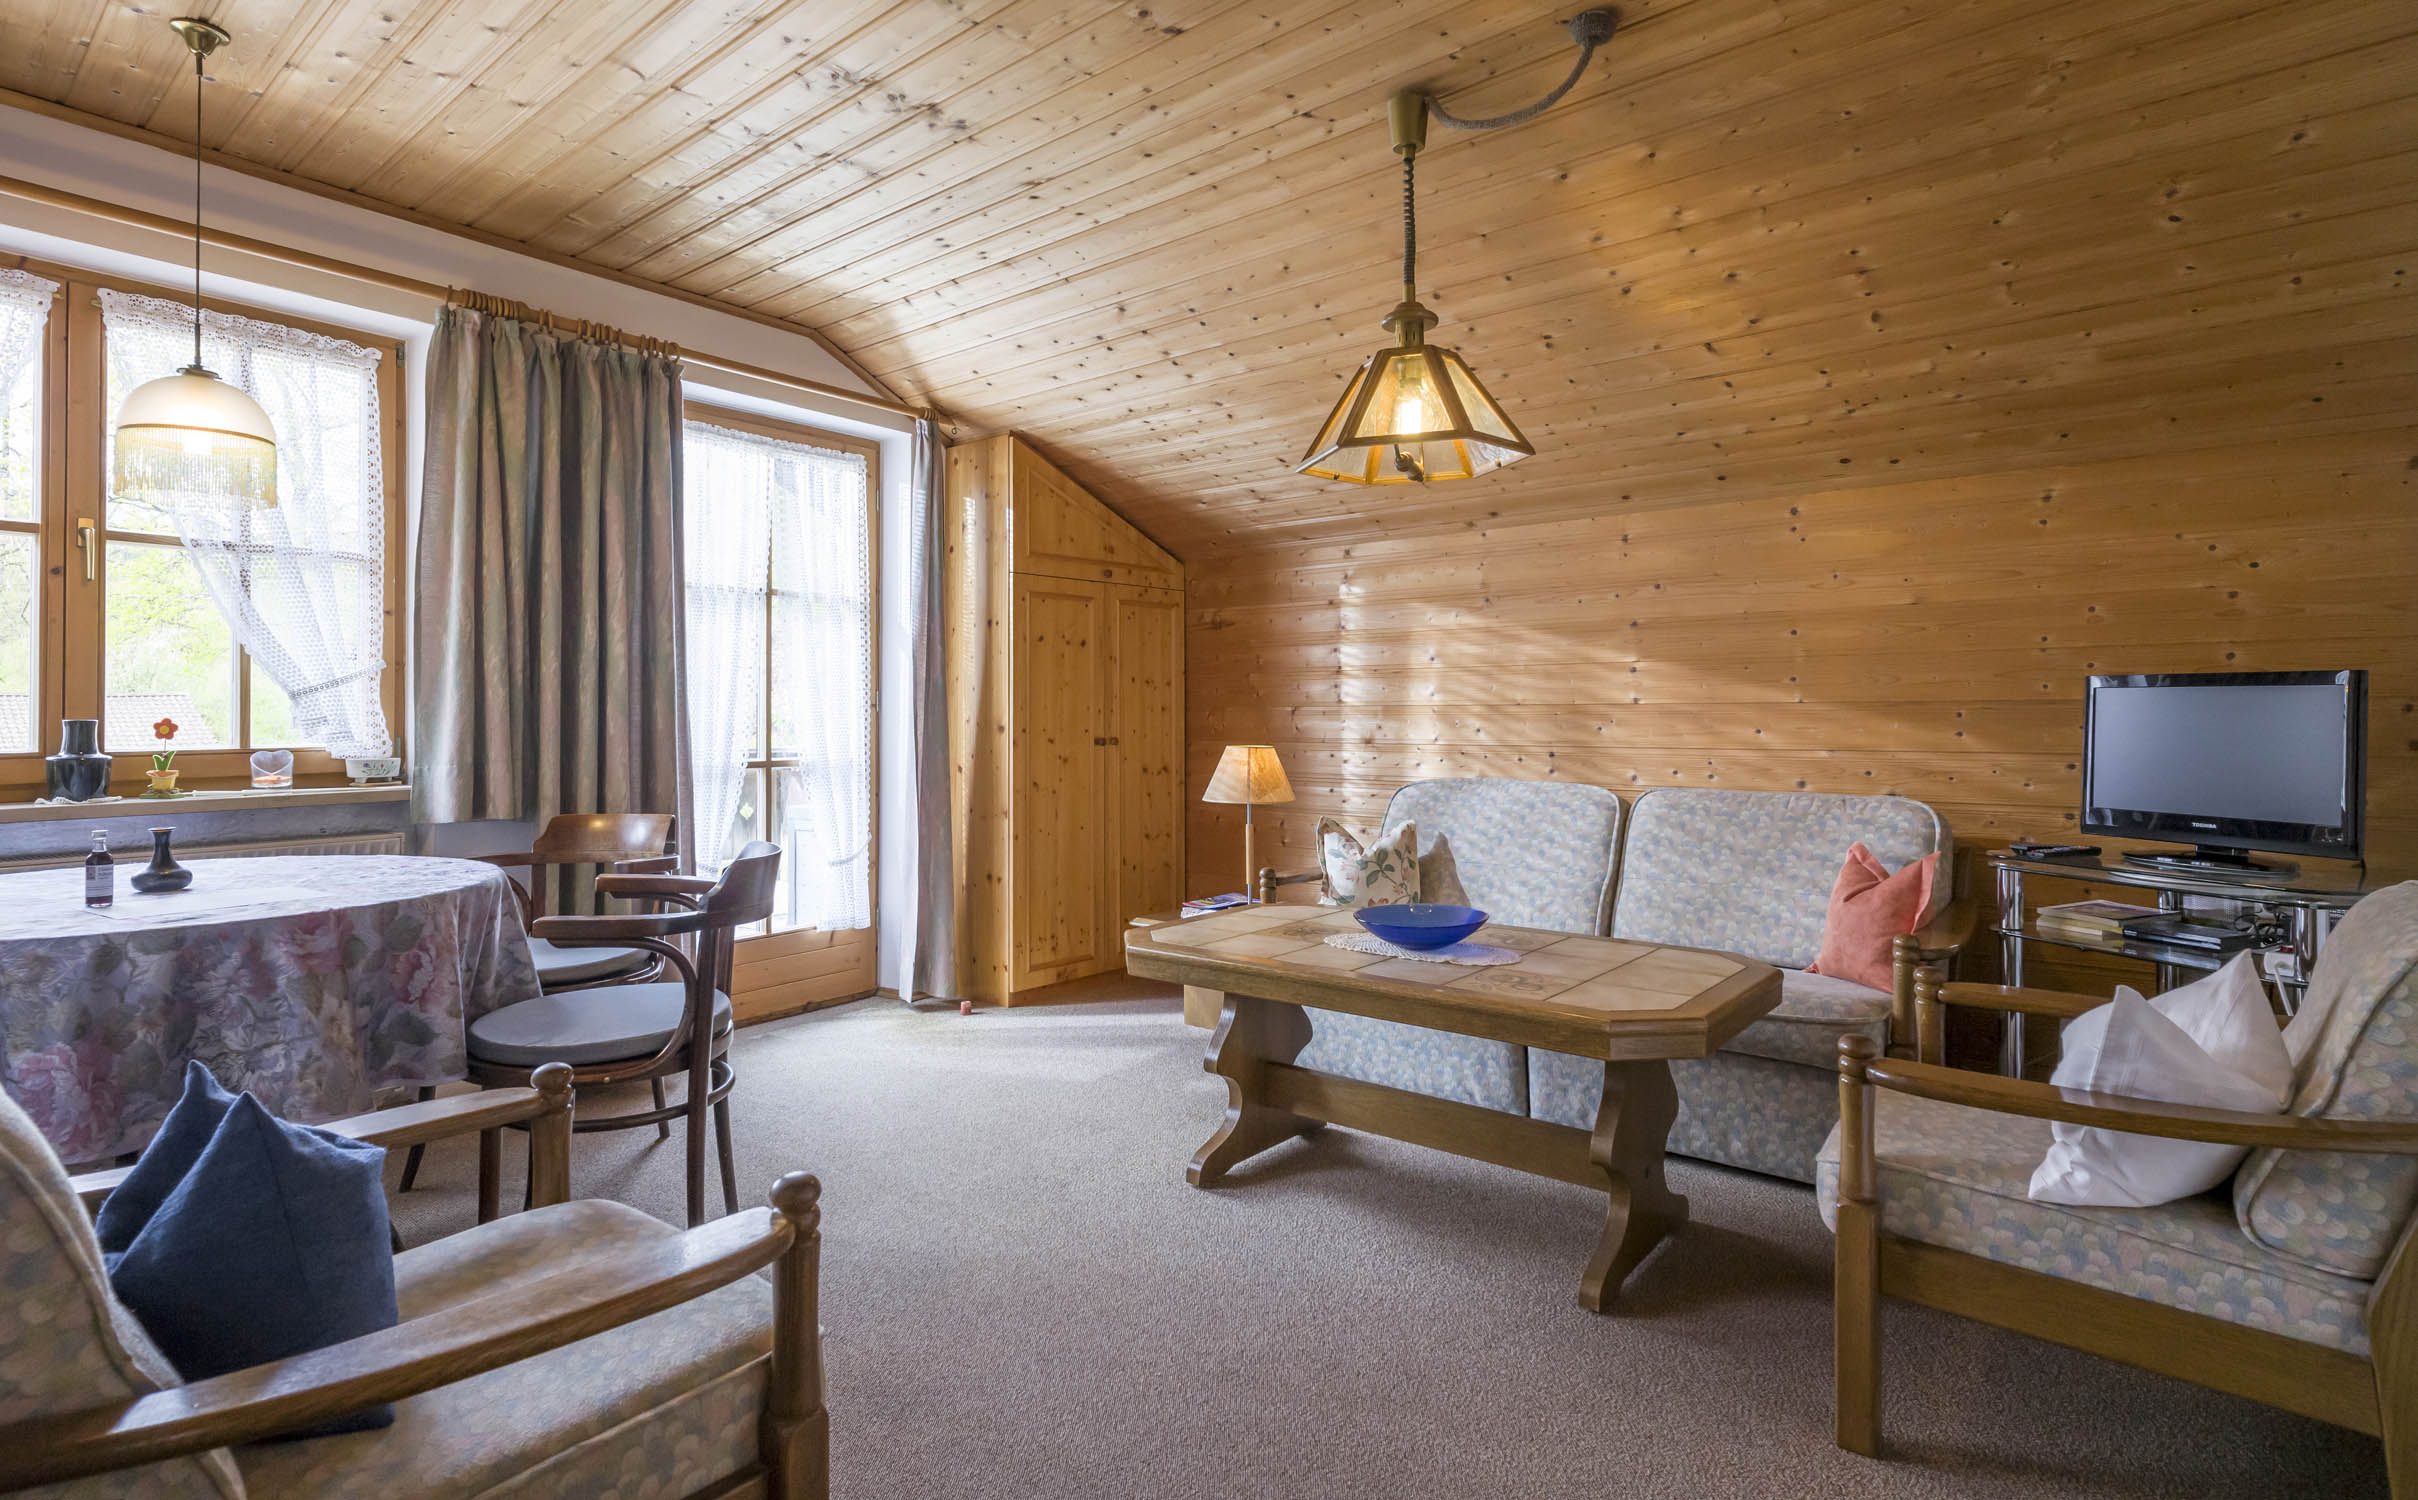 Ferienhaus Haus Enzian (DE Oberaudorf). 2-Zimmer Ferienhaus 48qm (709913), Oberaudorf, Chiemgau, Bayern, Deutschland, Bild 8